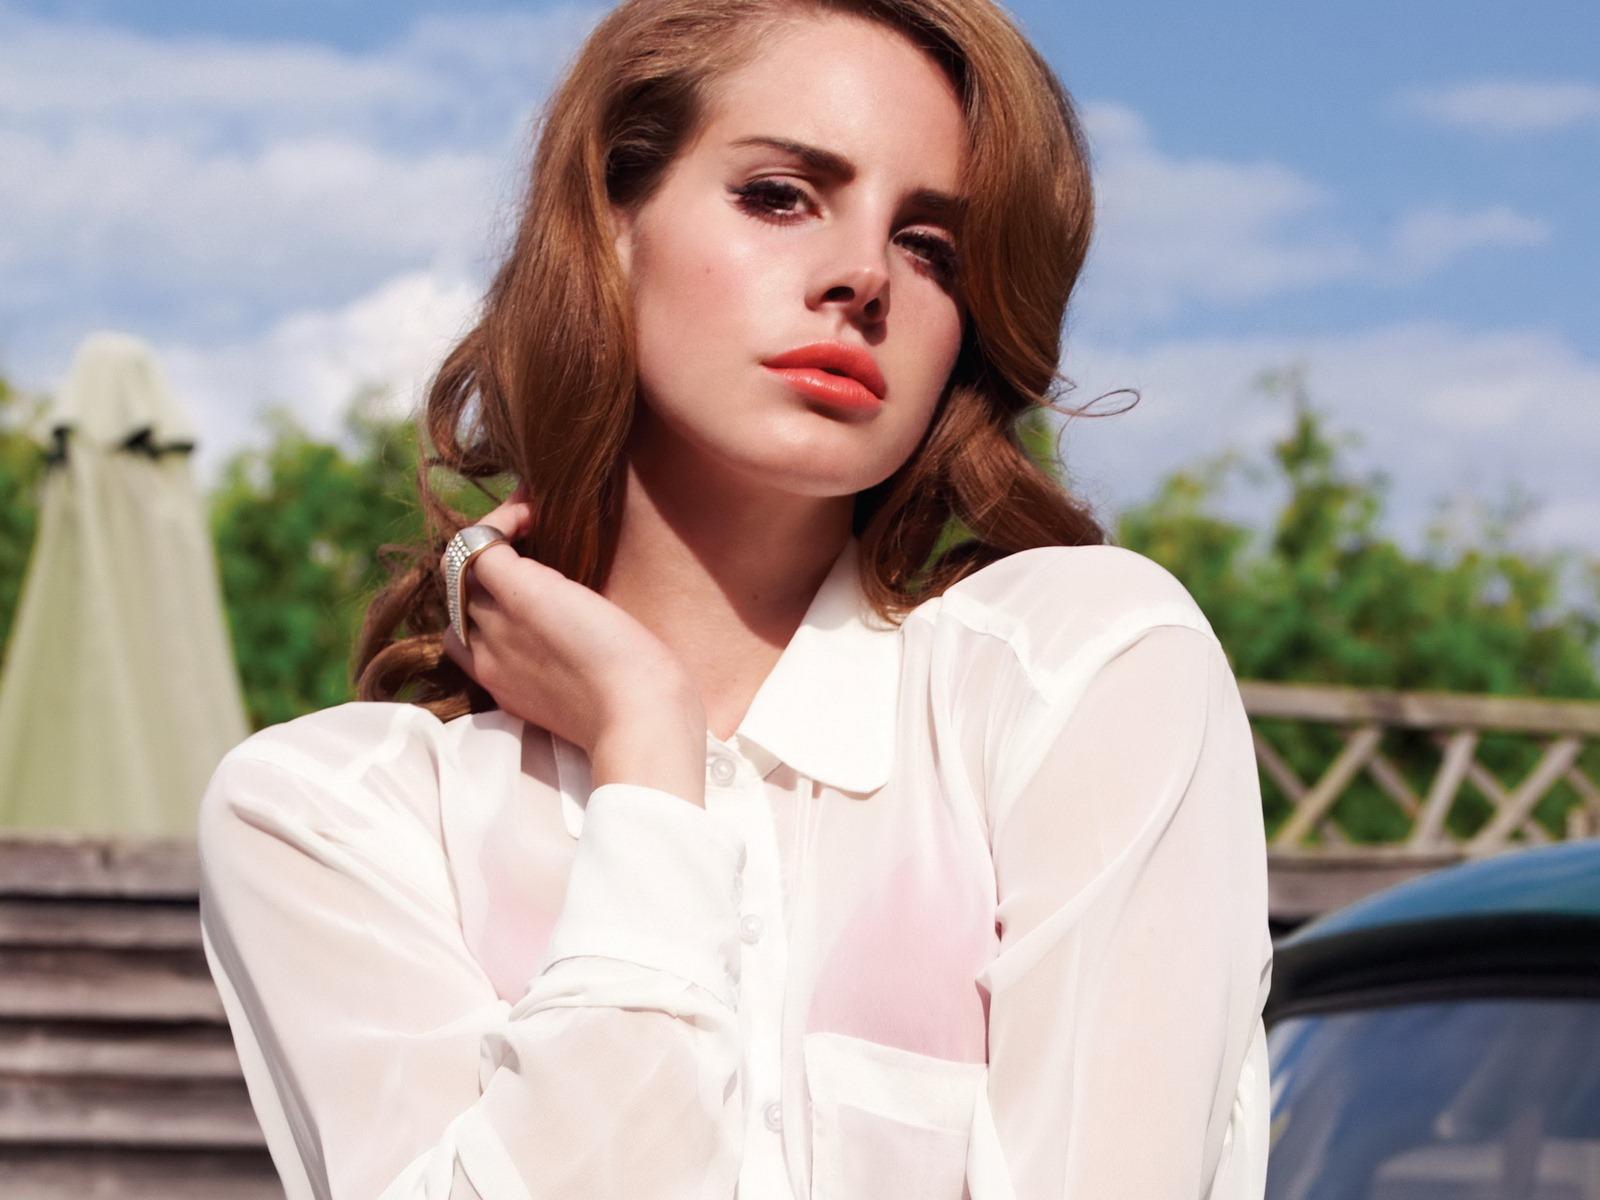 Lanawallpaper Lana Del Rey Wallpaper 31900675 Fanpop Page 2